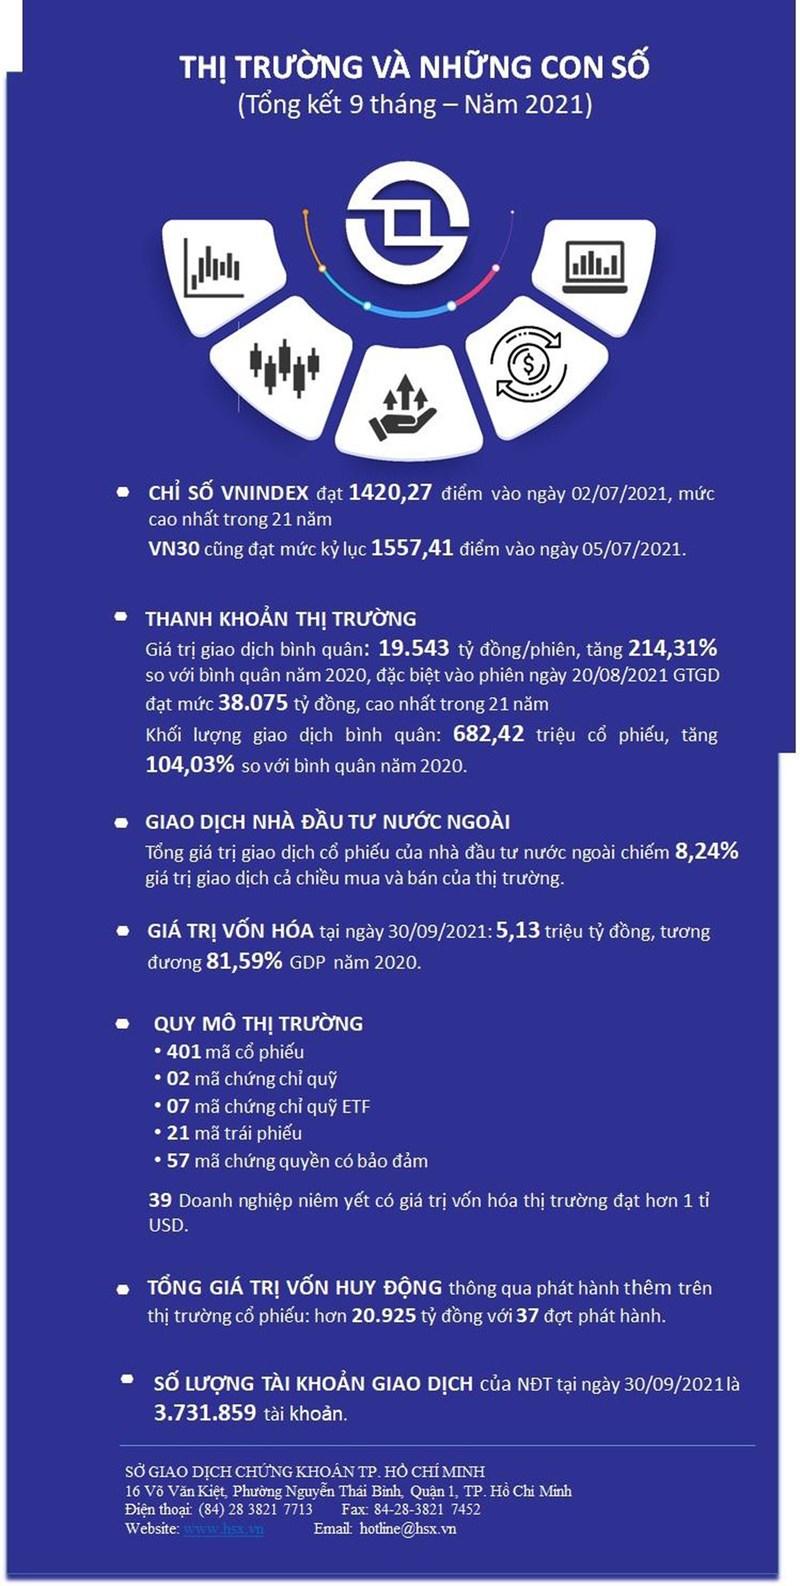 [Infographics] HOSE và những kỷ lục vượt mong đợi trong 9 tháng đầu năm 2021 - Ảnh 1